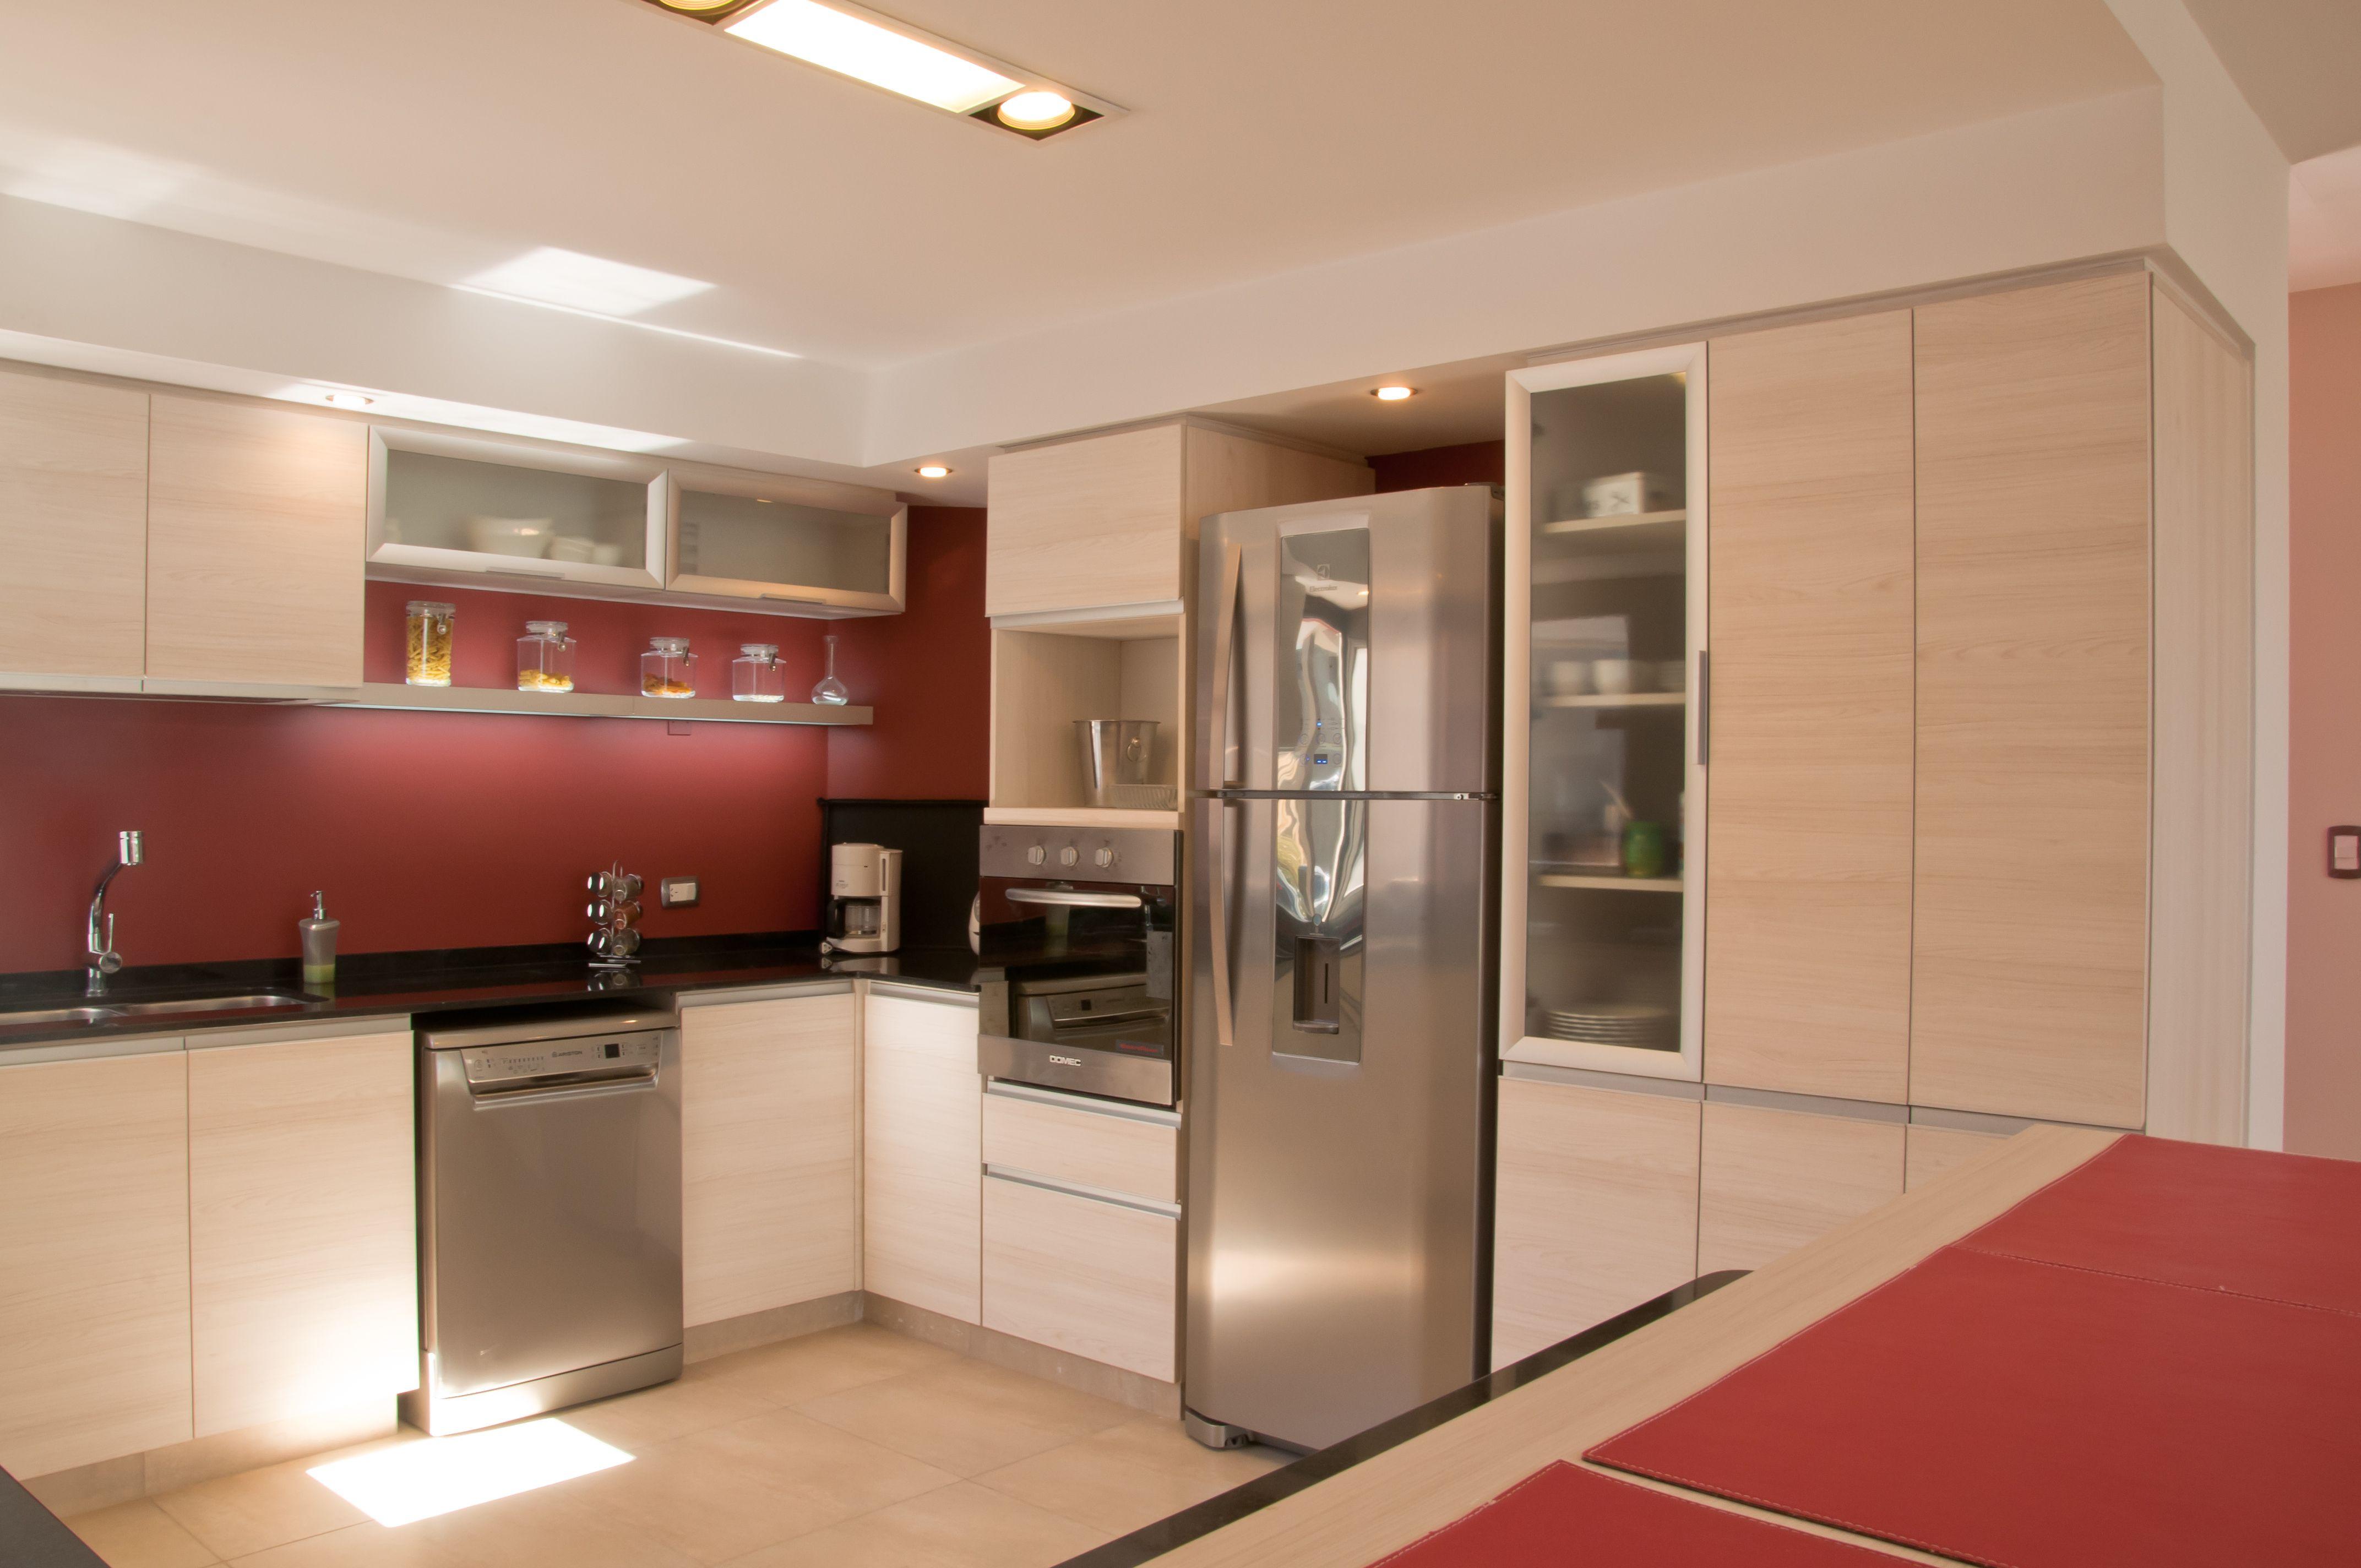 muebles de cocina fabricados a medida en mdf cocinas